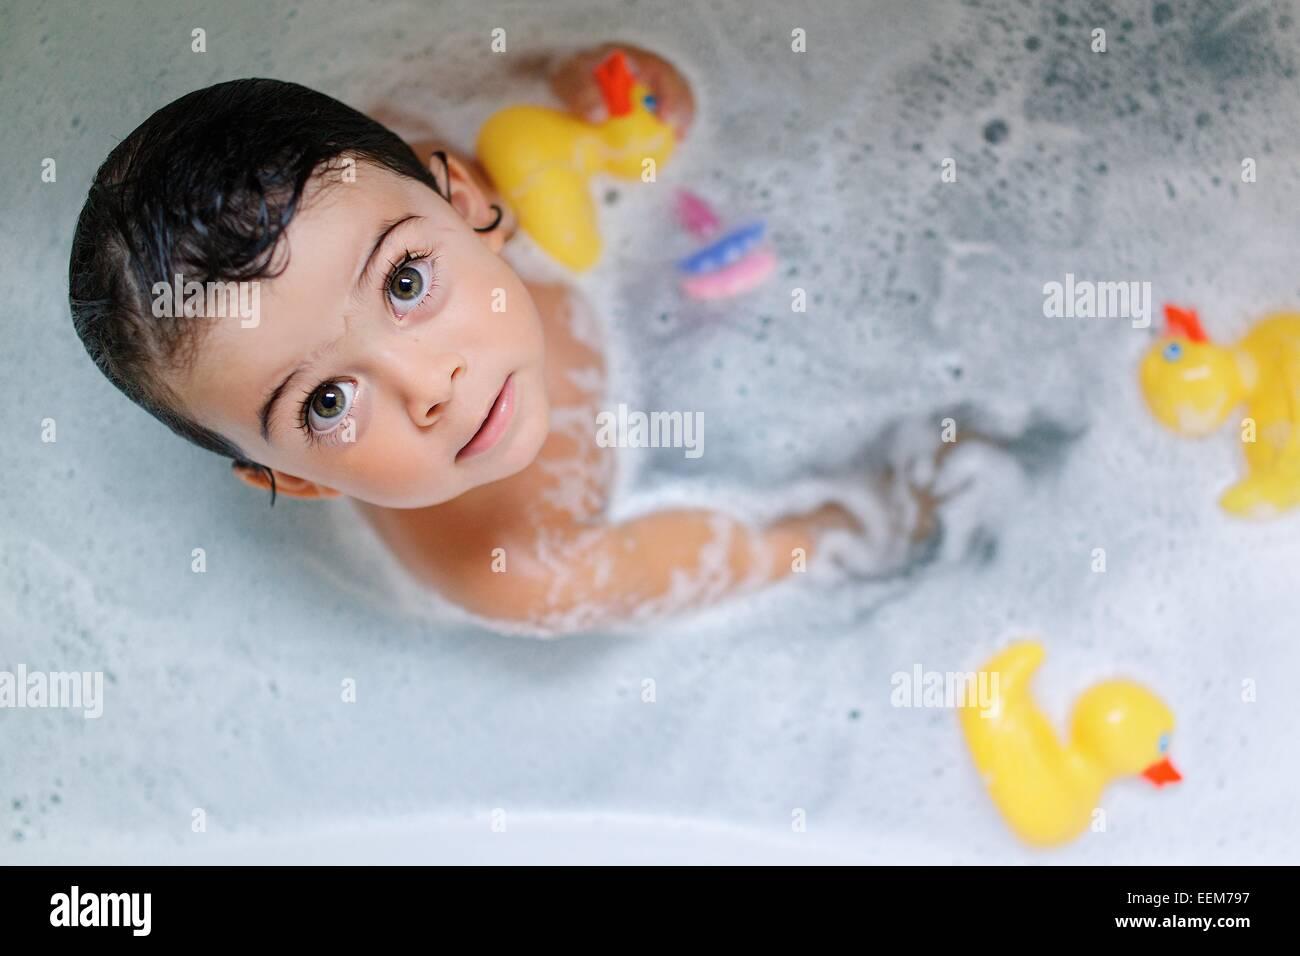 Bathing Stock Photos & Bathing Stock Images - Alamy